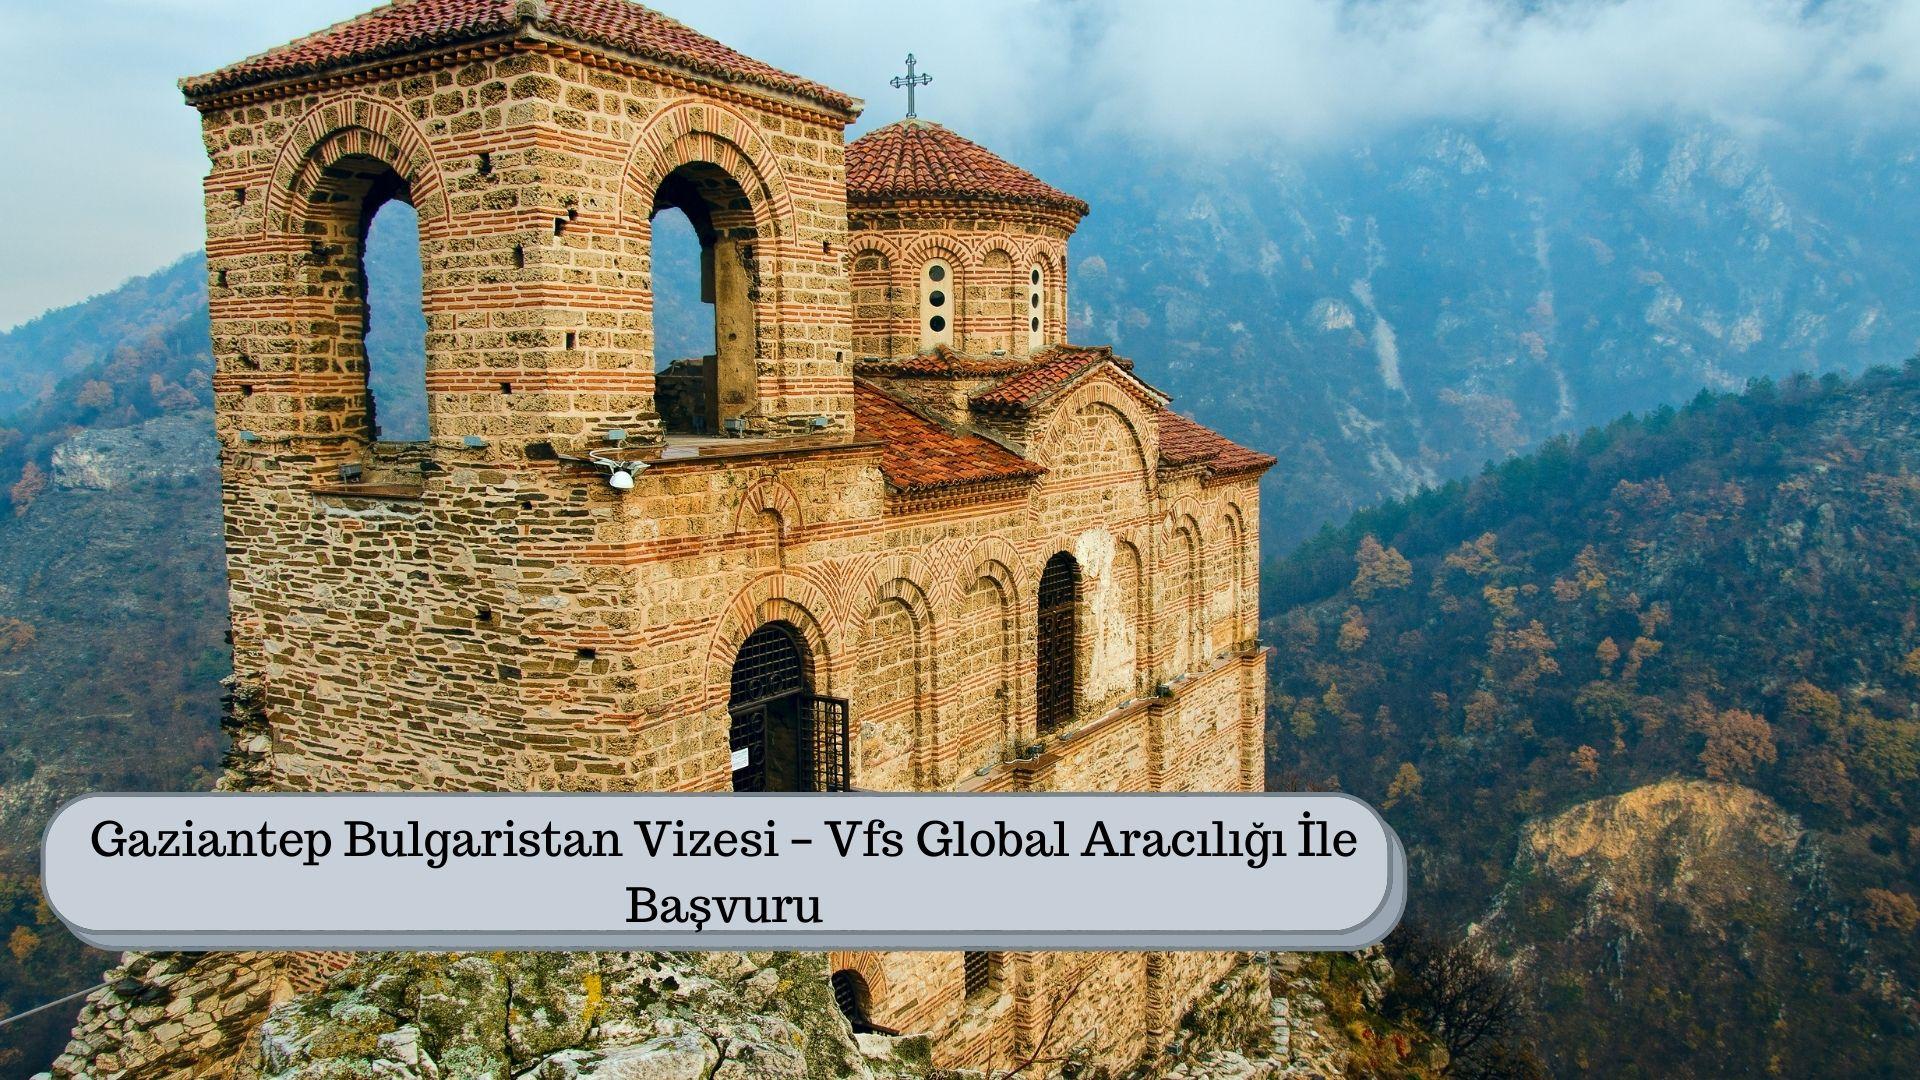 Gaziantep Bulgaristan Vizesi – Vfs Global Aracılığı İle Başvuru